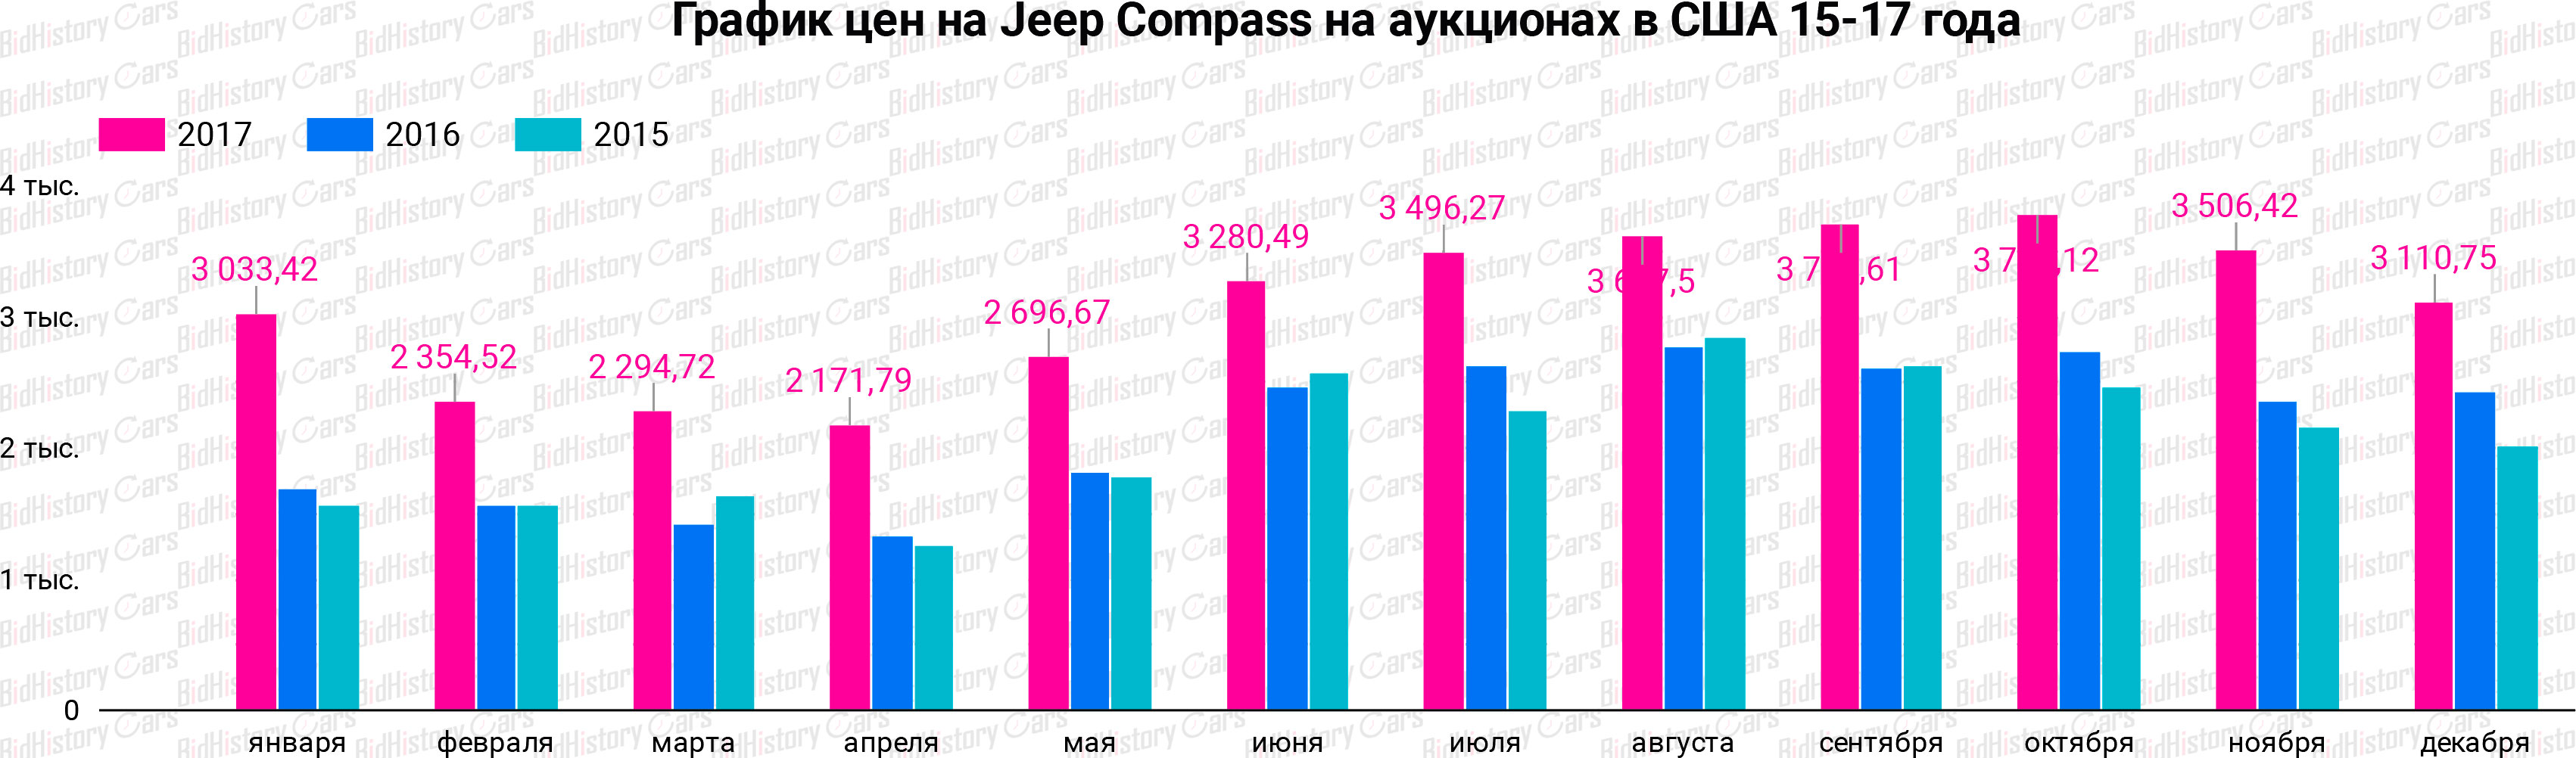 График цен Jeep Compass на аукционах в США 15-17 года